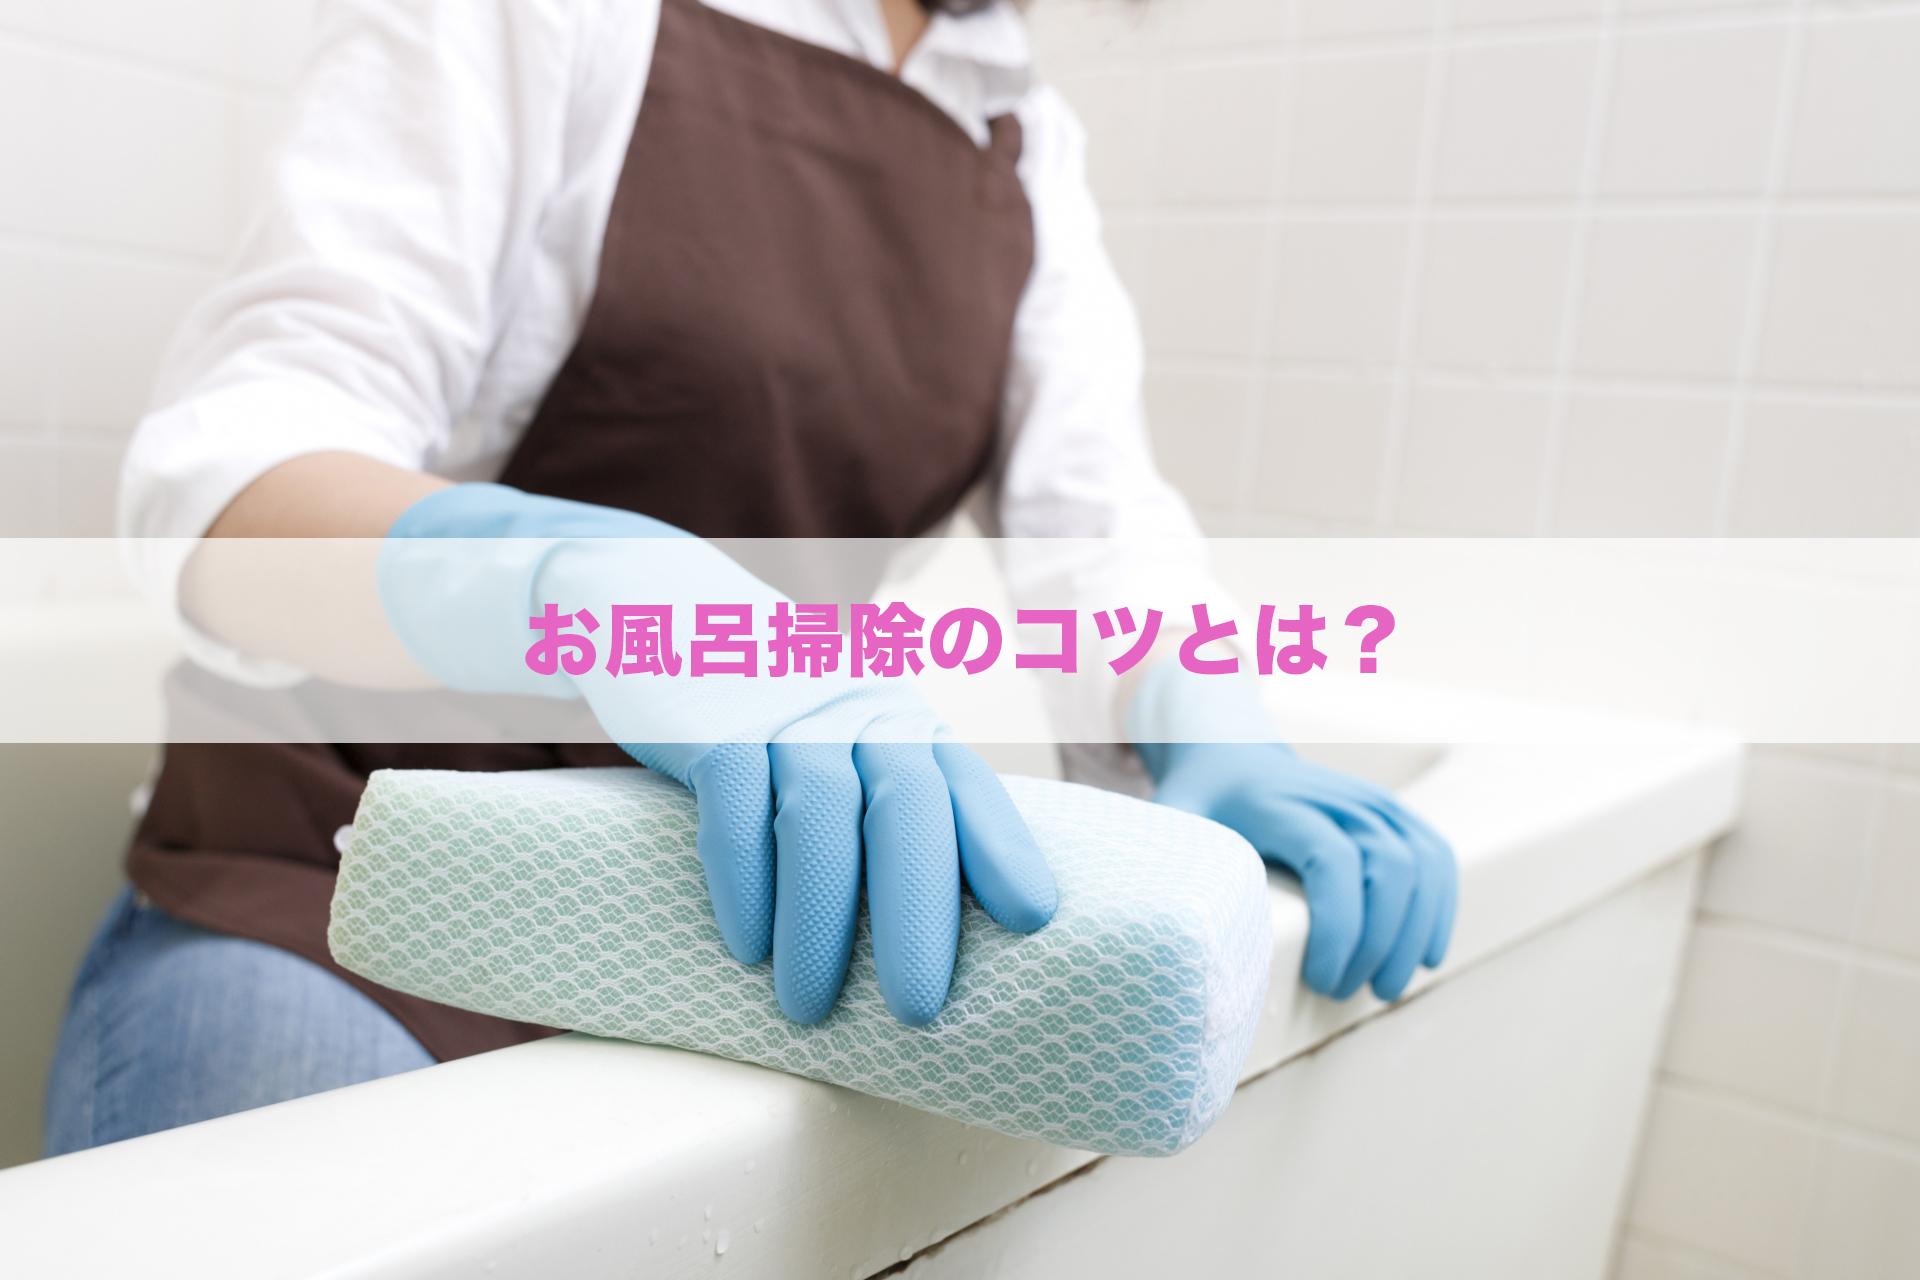 風呂 あさ イチ 掃除 お 「週イチ」やるだけでOK!お風呂のカビ予防に効果アリな方法まとめ